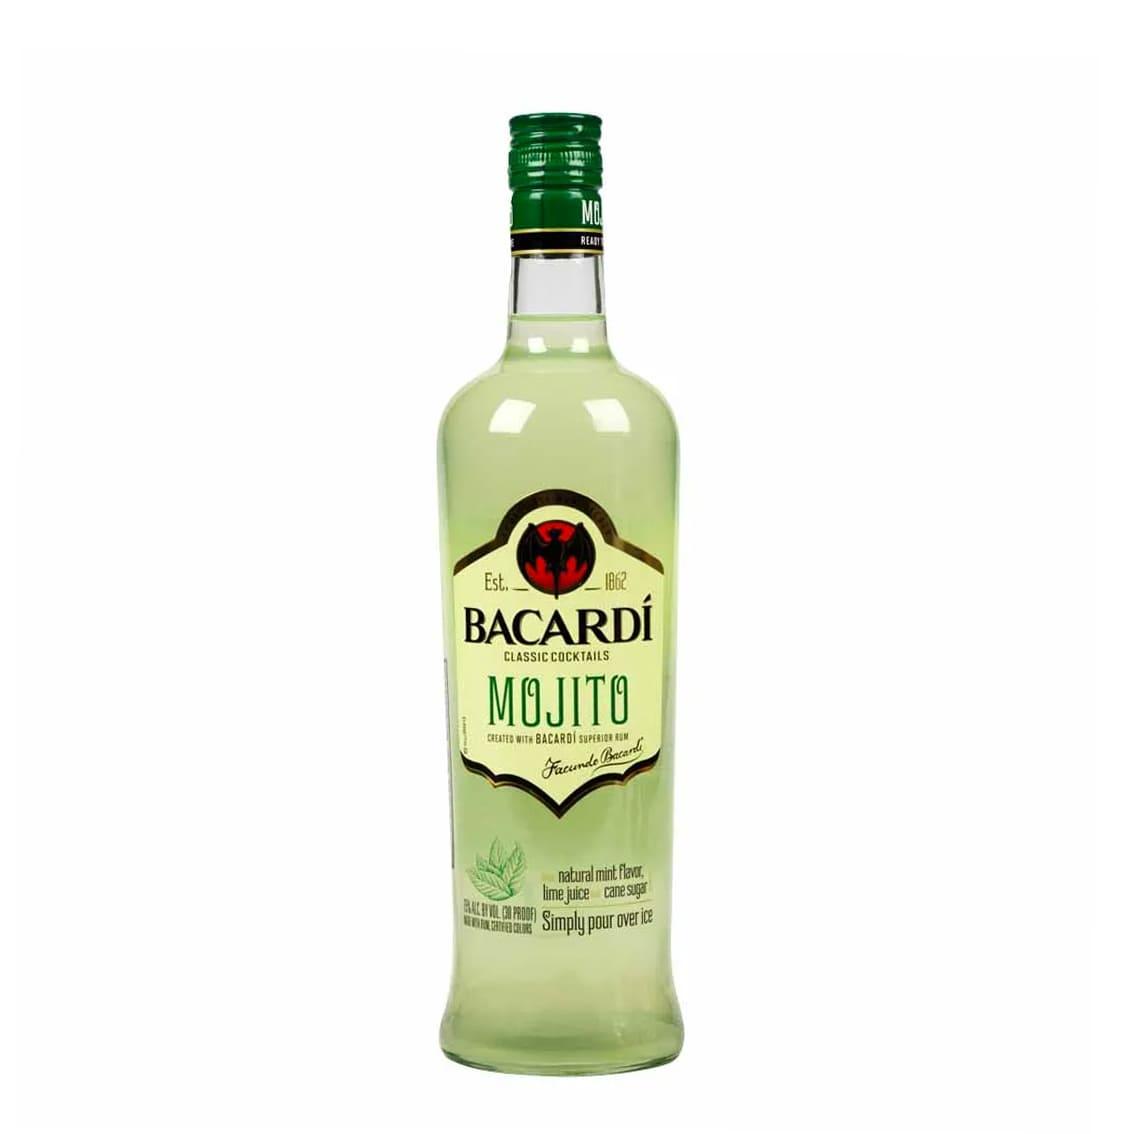 Mojito BACARDI Botella 750ml